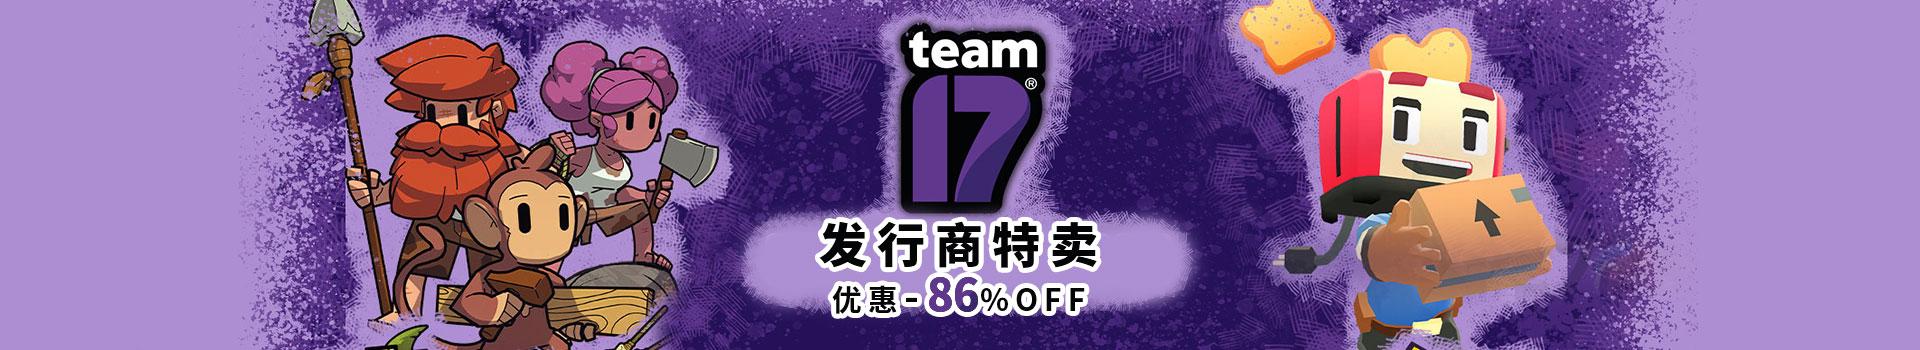 Team17专区发行商特卖